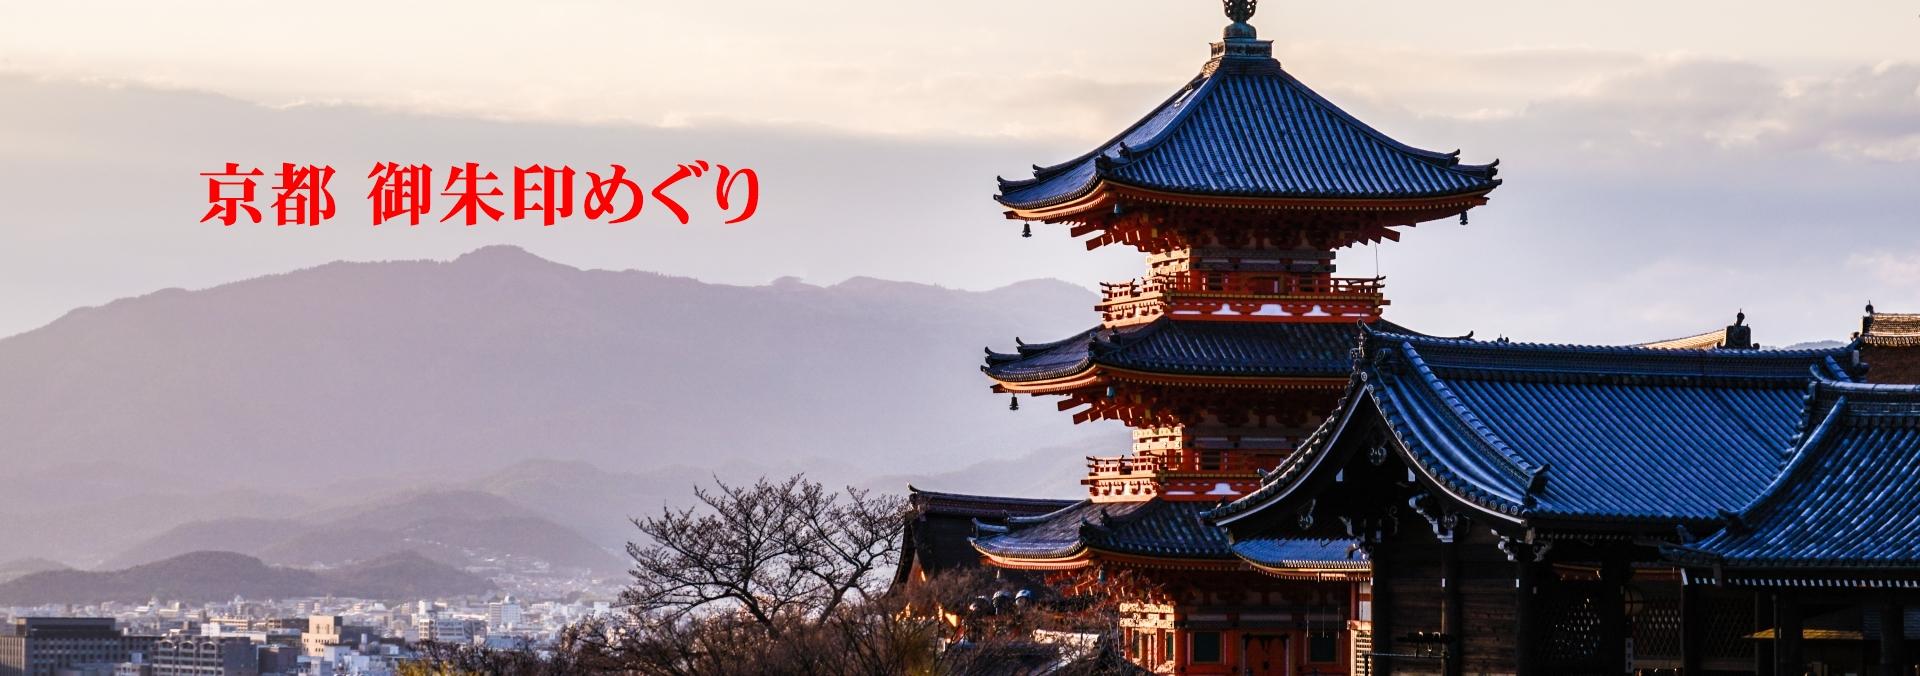 京都御朱印めぐり